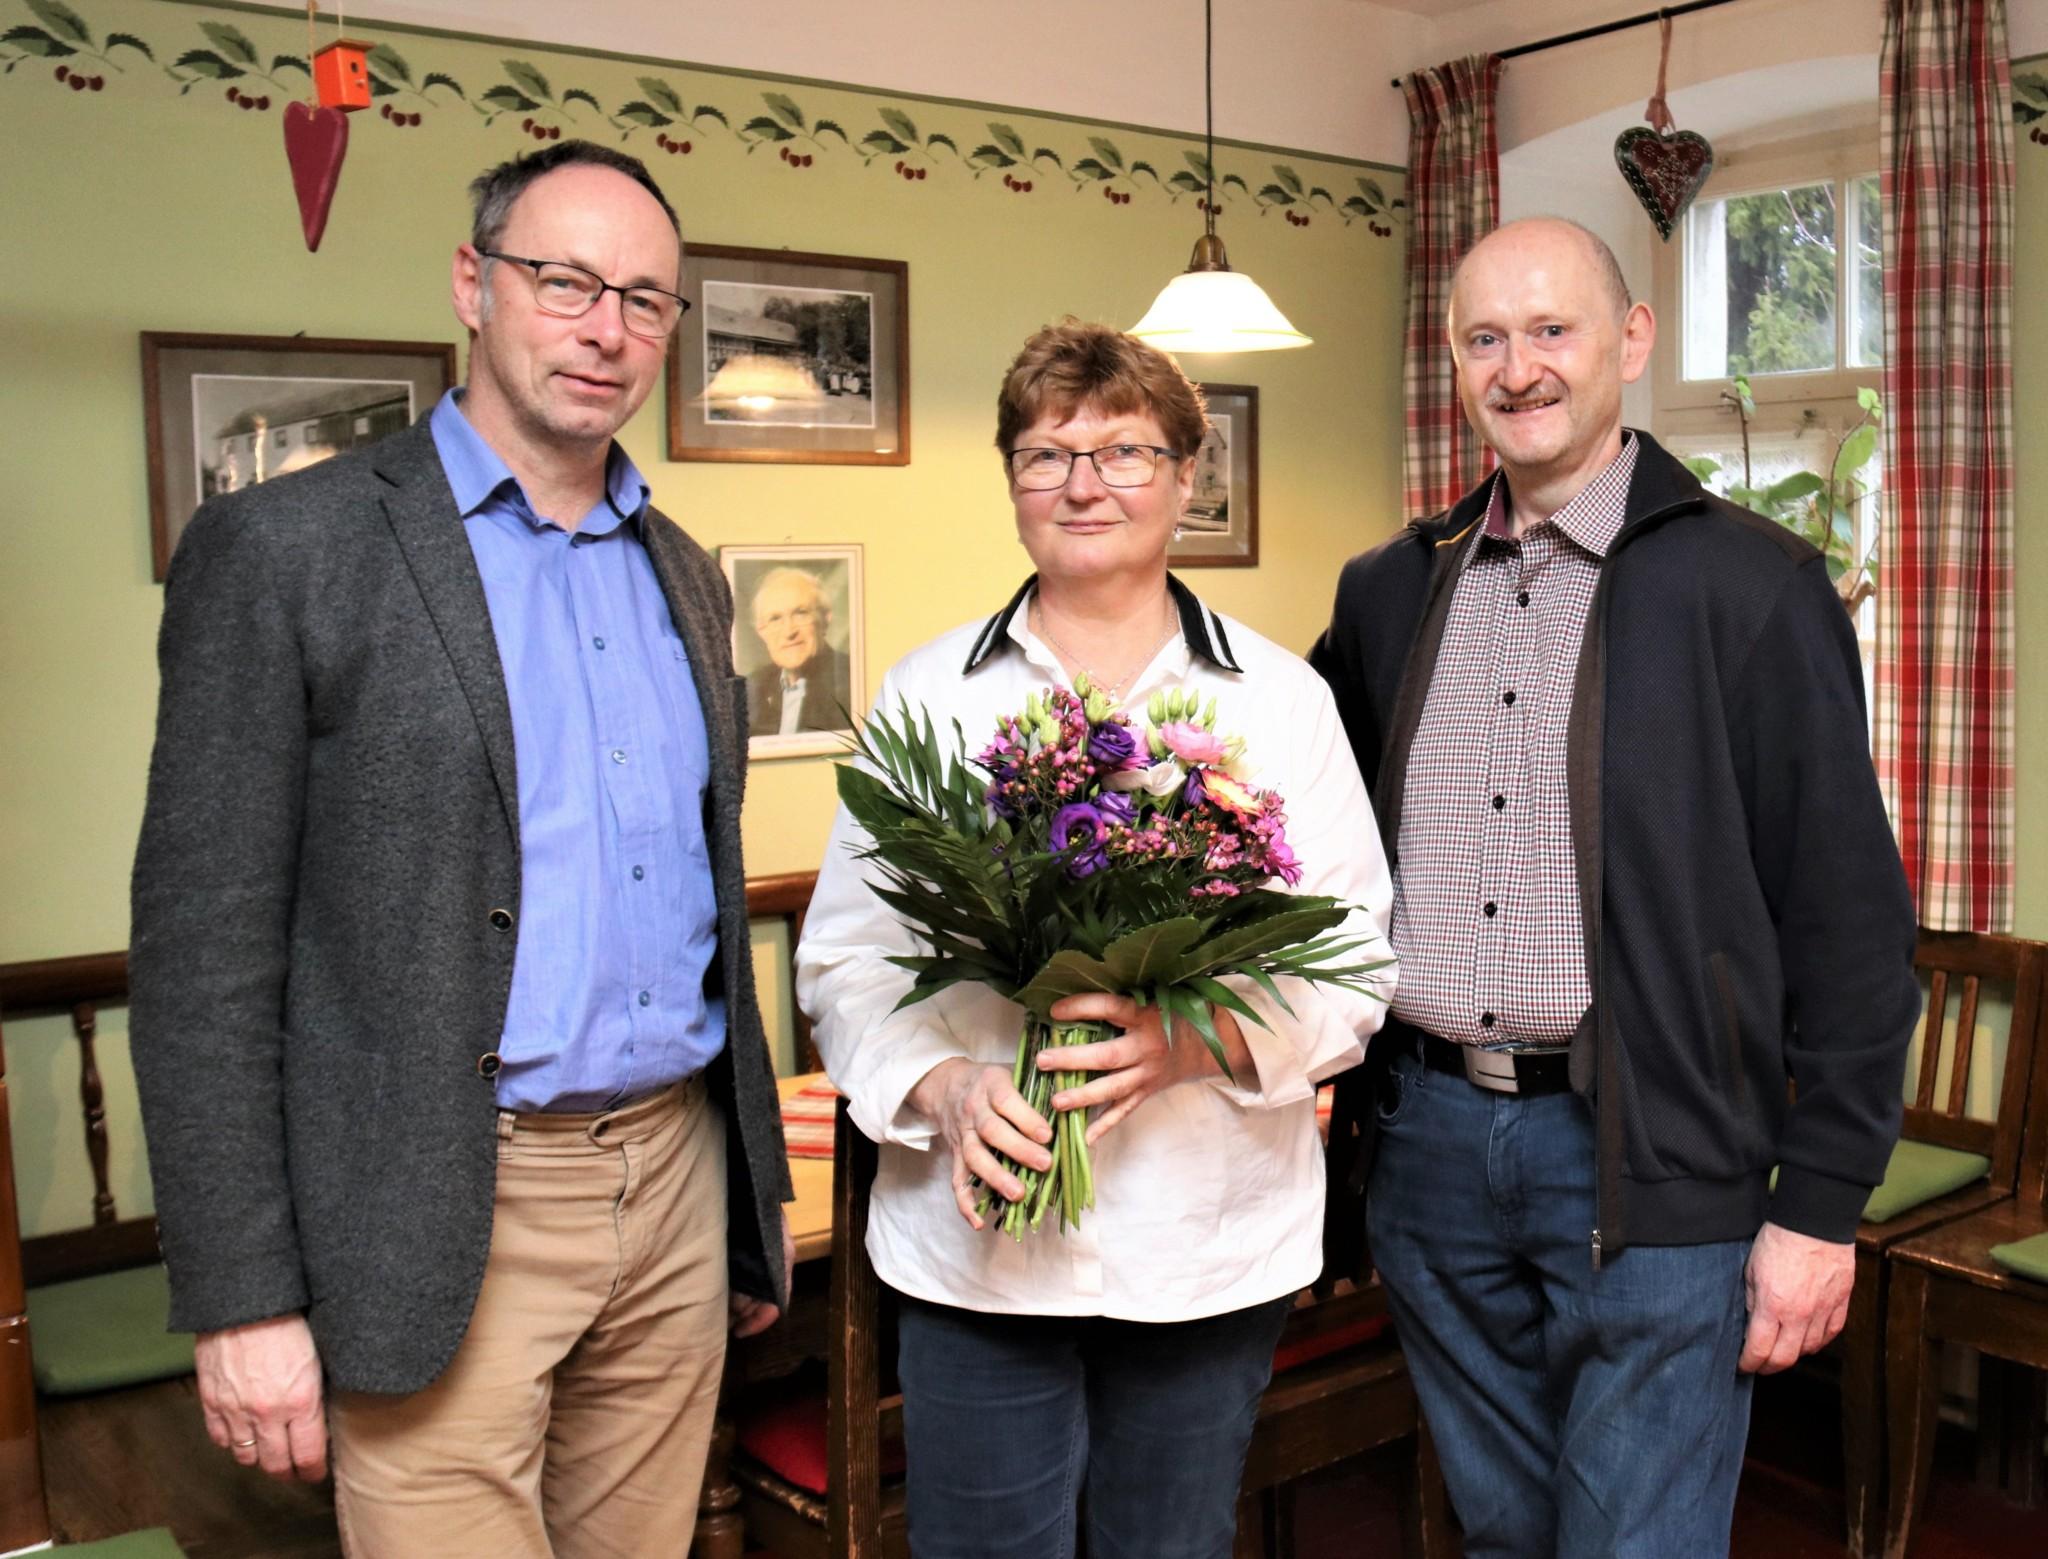 Von Museumsleiter Bertram Popp (links) gabs zum Einstand Blumen für die neue Pächterin Karin Rödel und ihren mann Wolfgang.